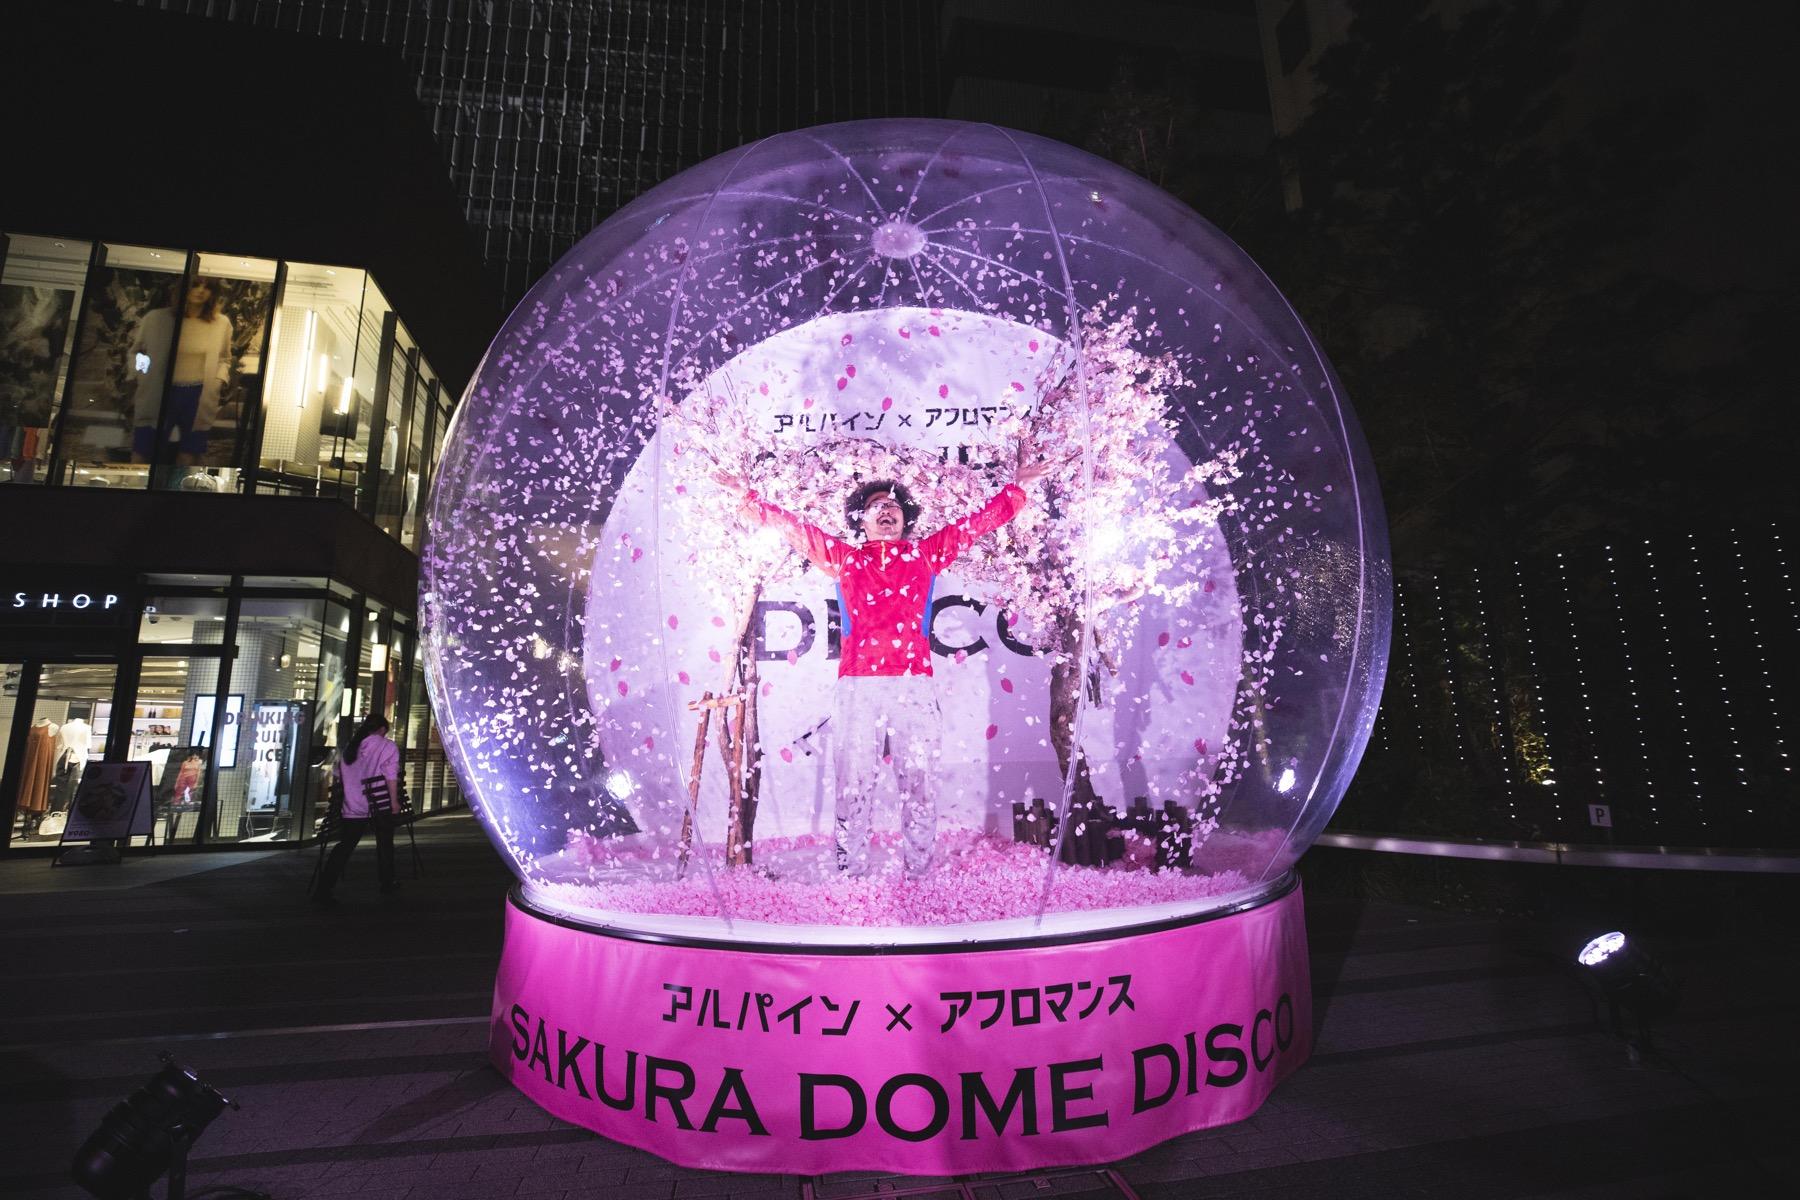 190421_SAKURA DOME DISCO_top20 - 20 / 20